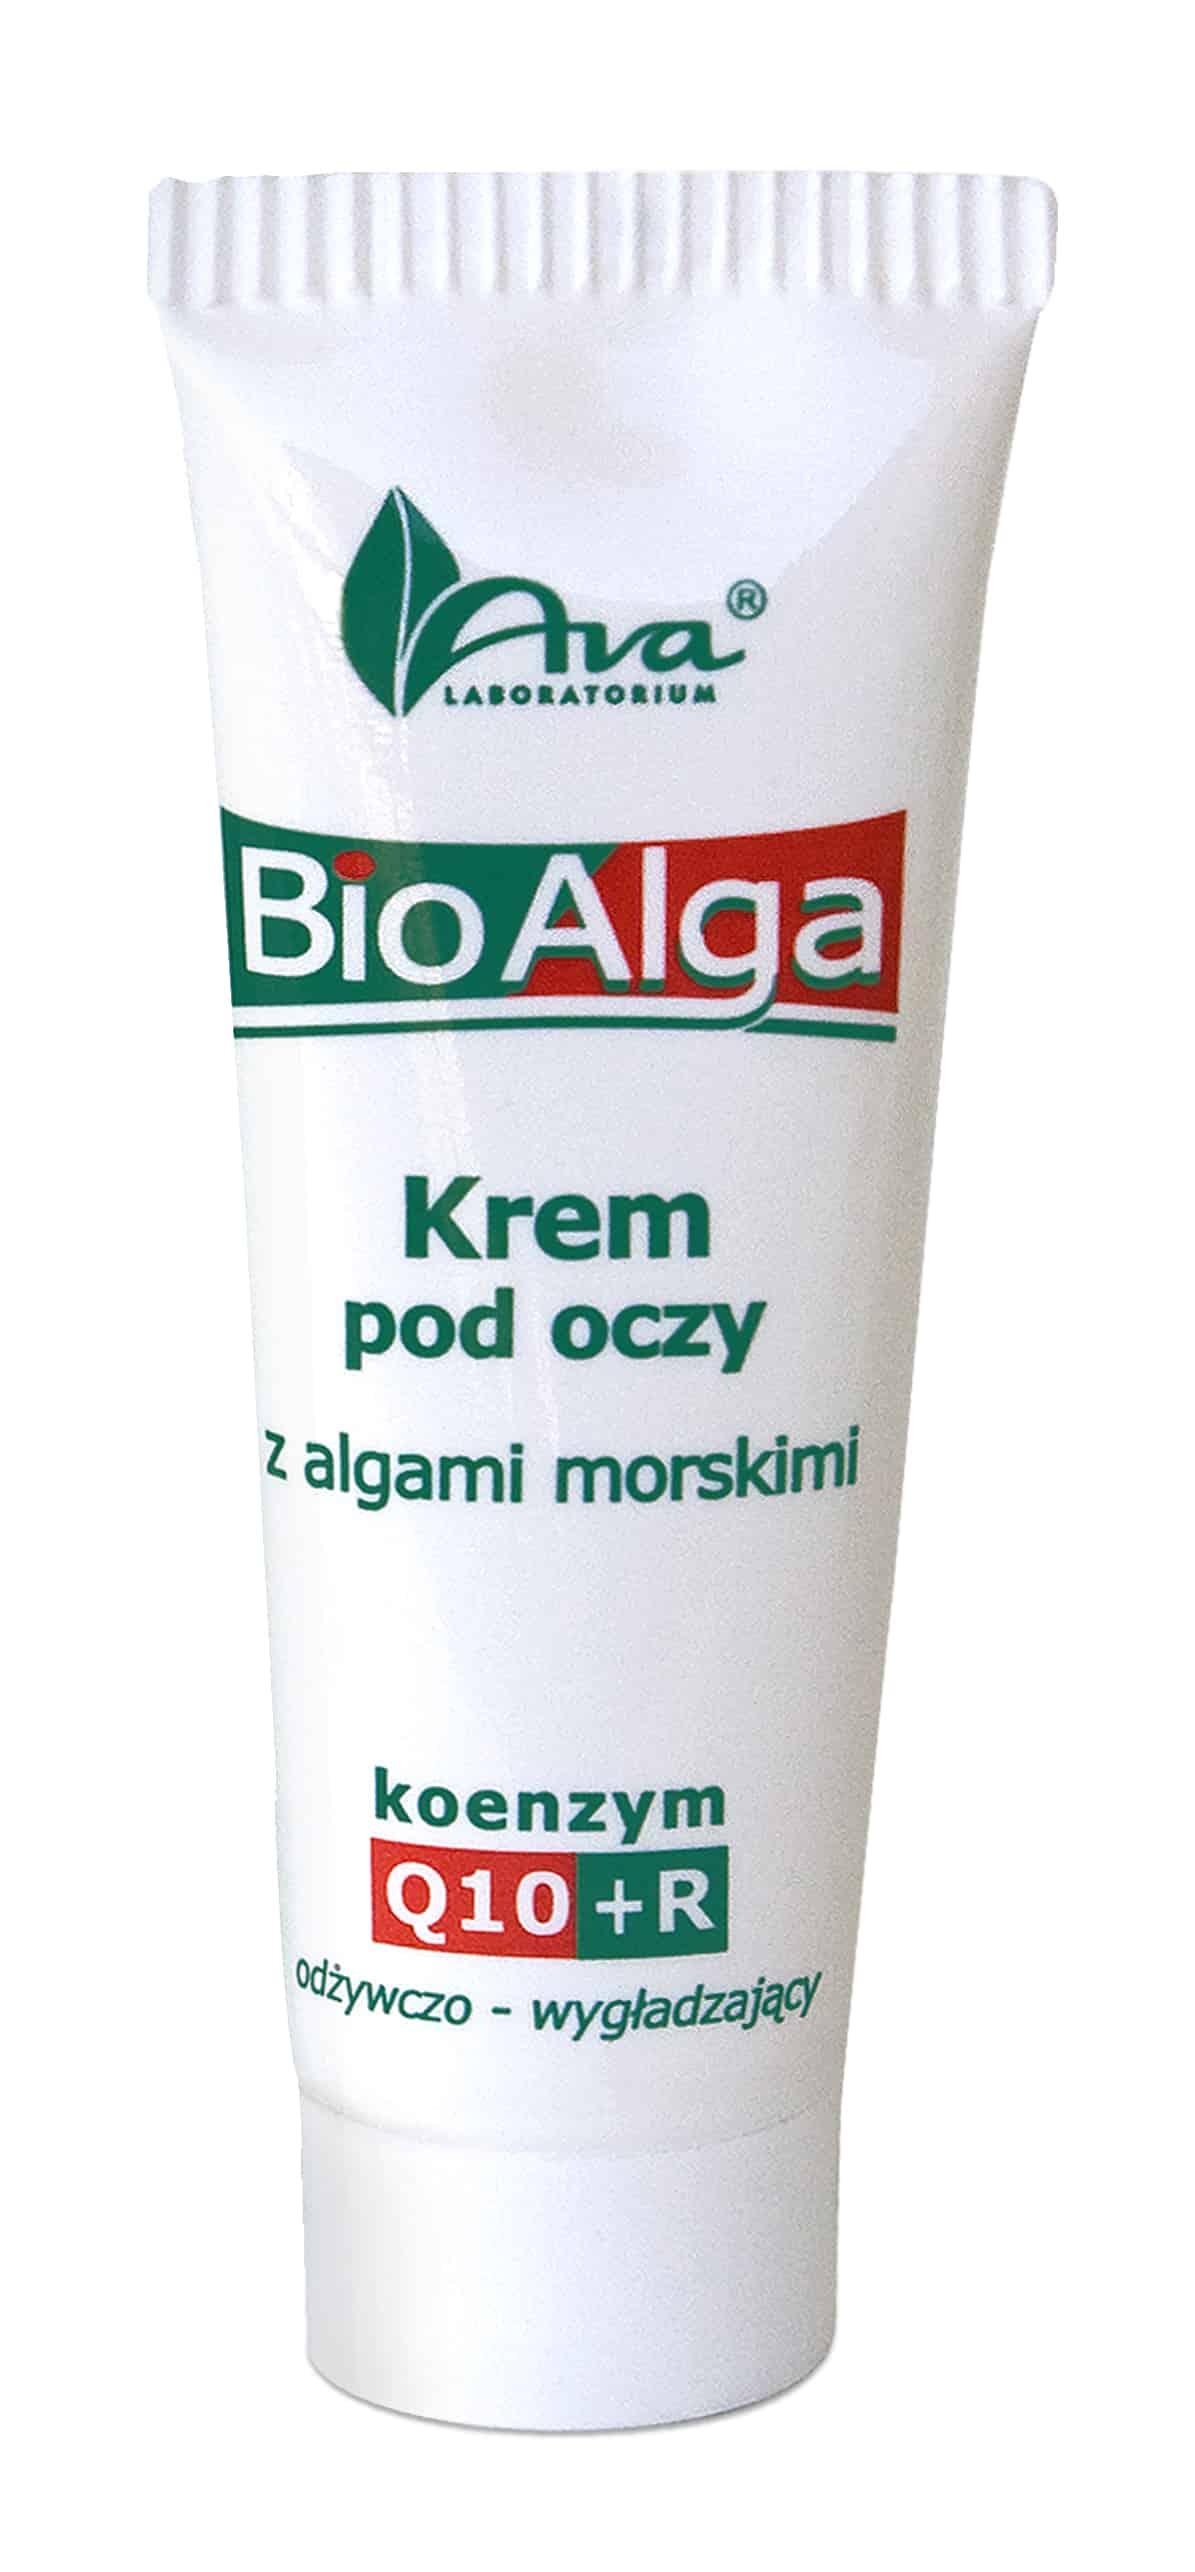 tubka Bioalga pod oczy